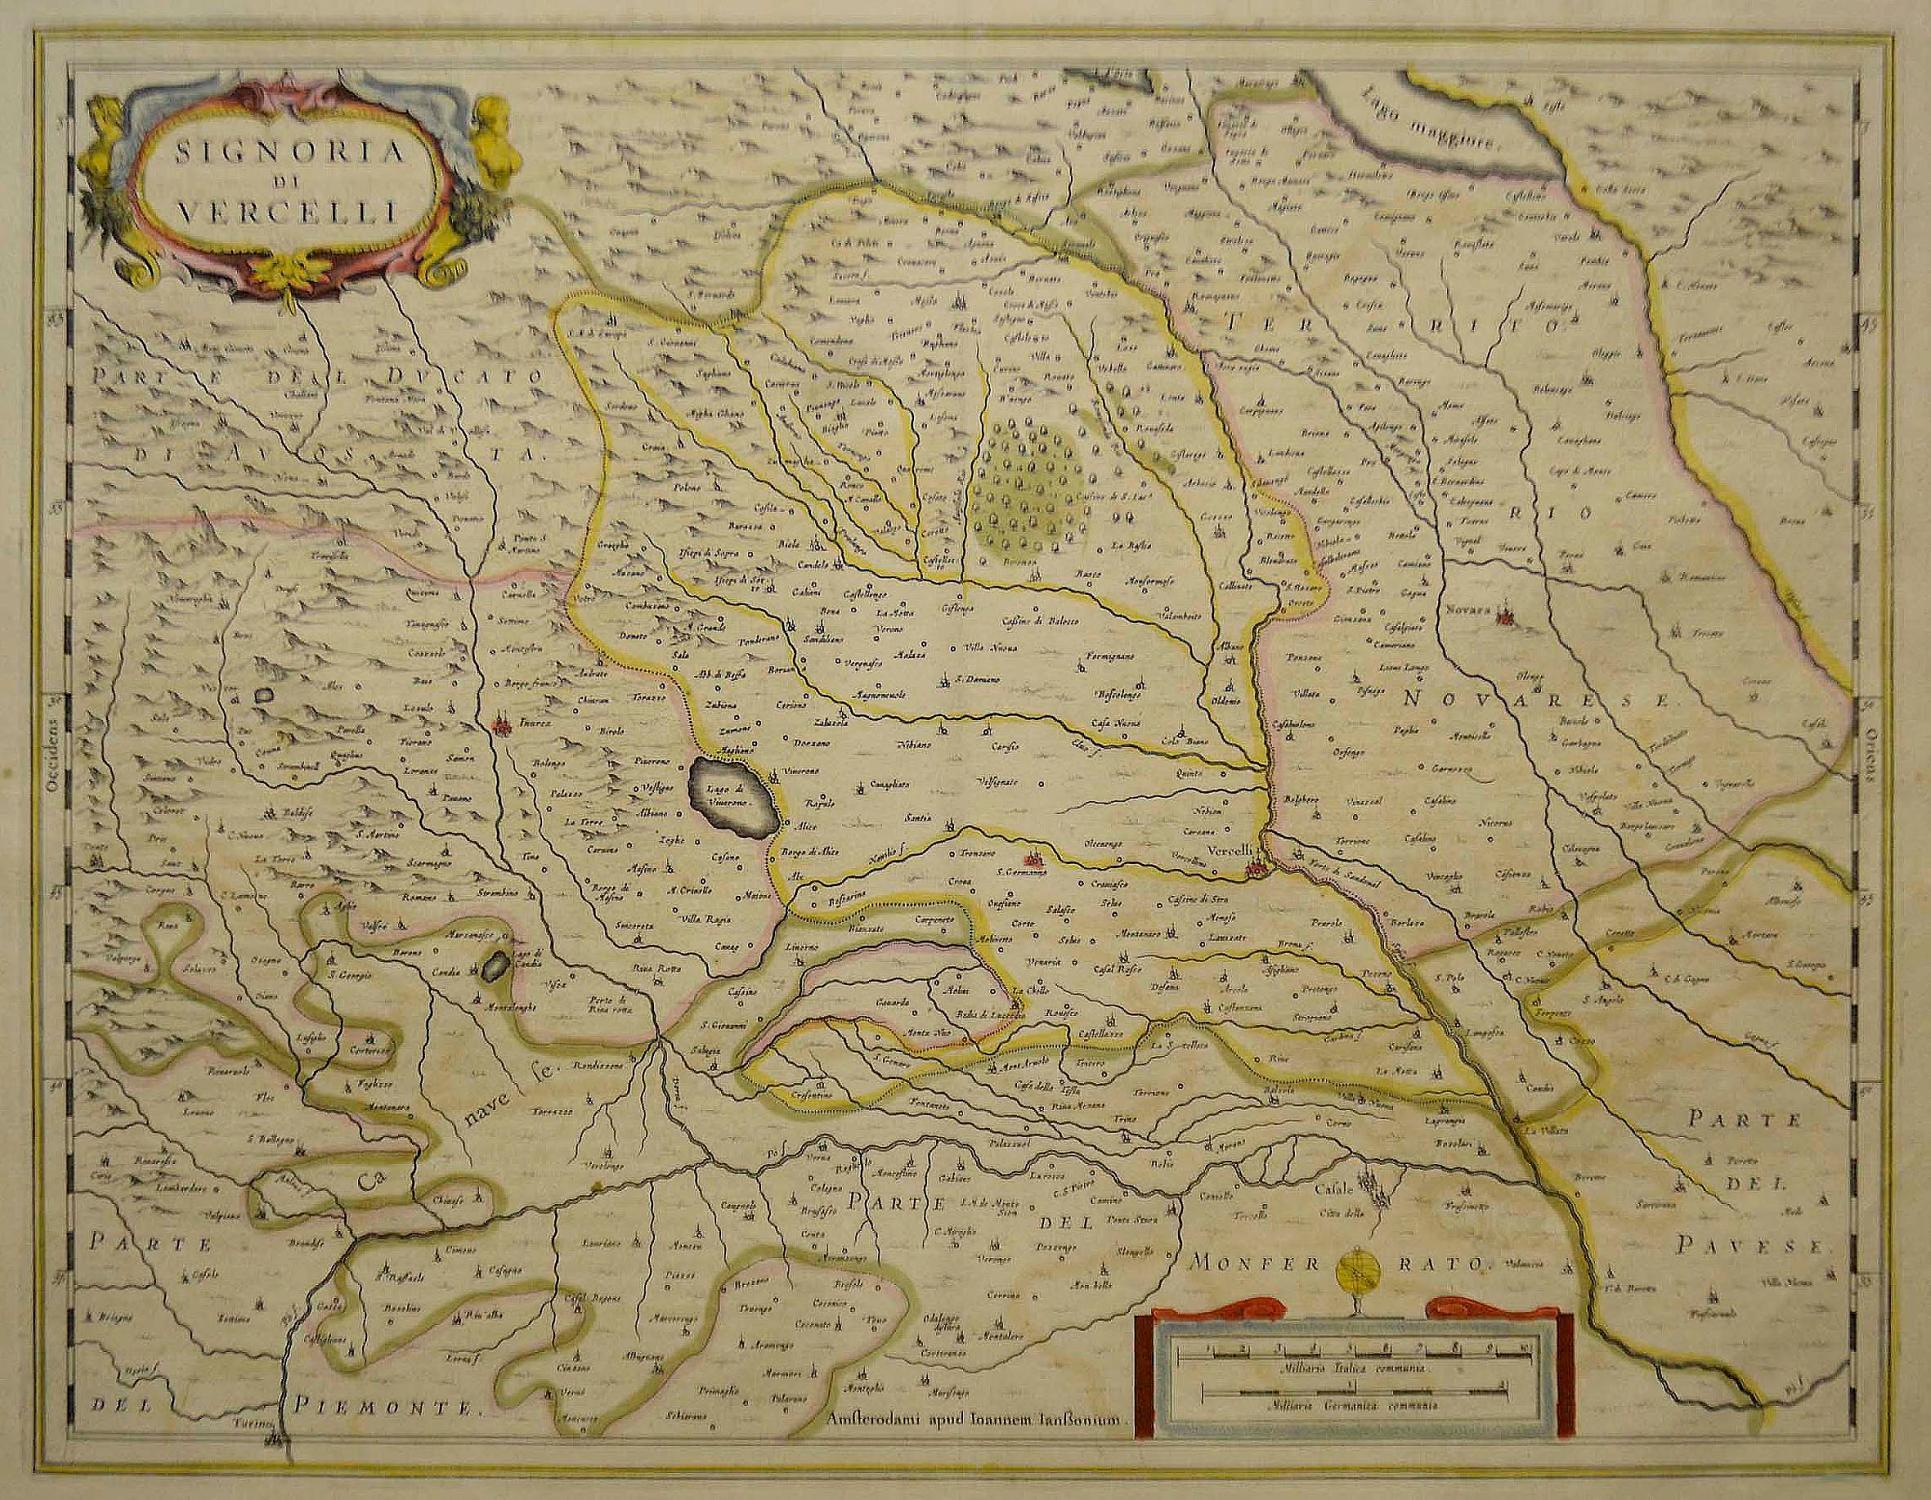 Karte Lago Maggiore Und Umgebung.Kupferstich Karte B Janssonius